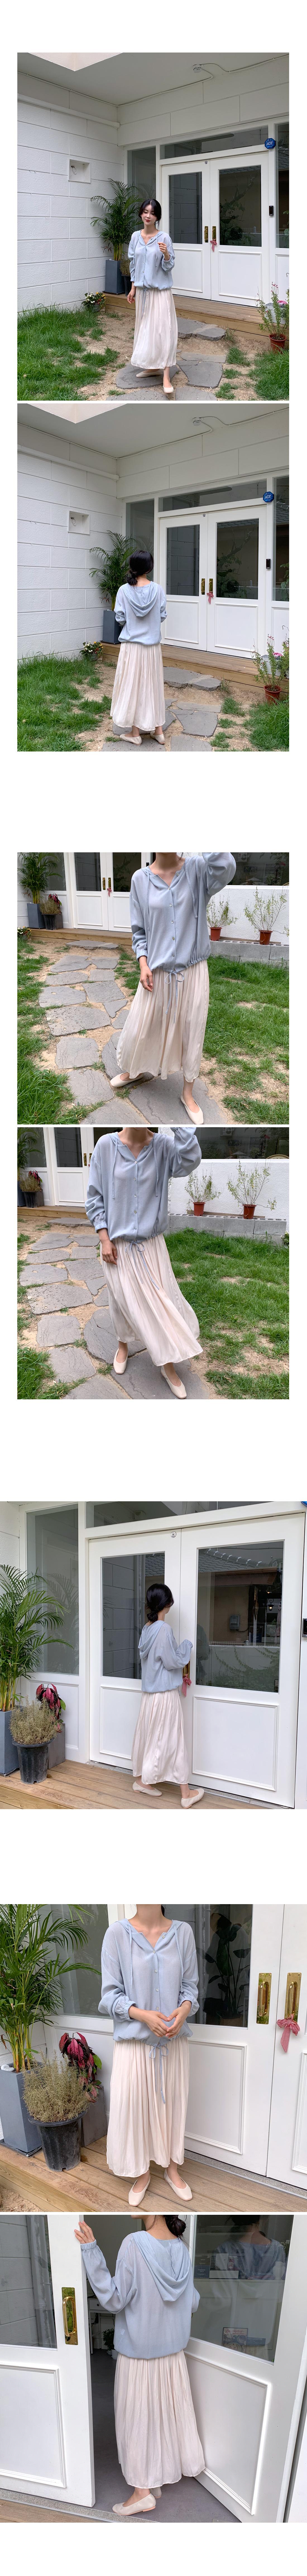 Cheese Ruffle Long Skirt